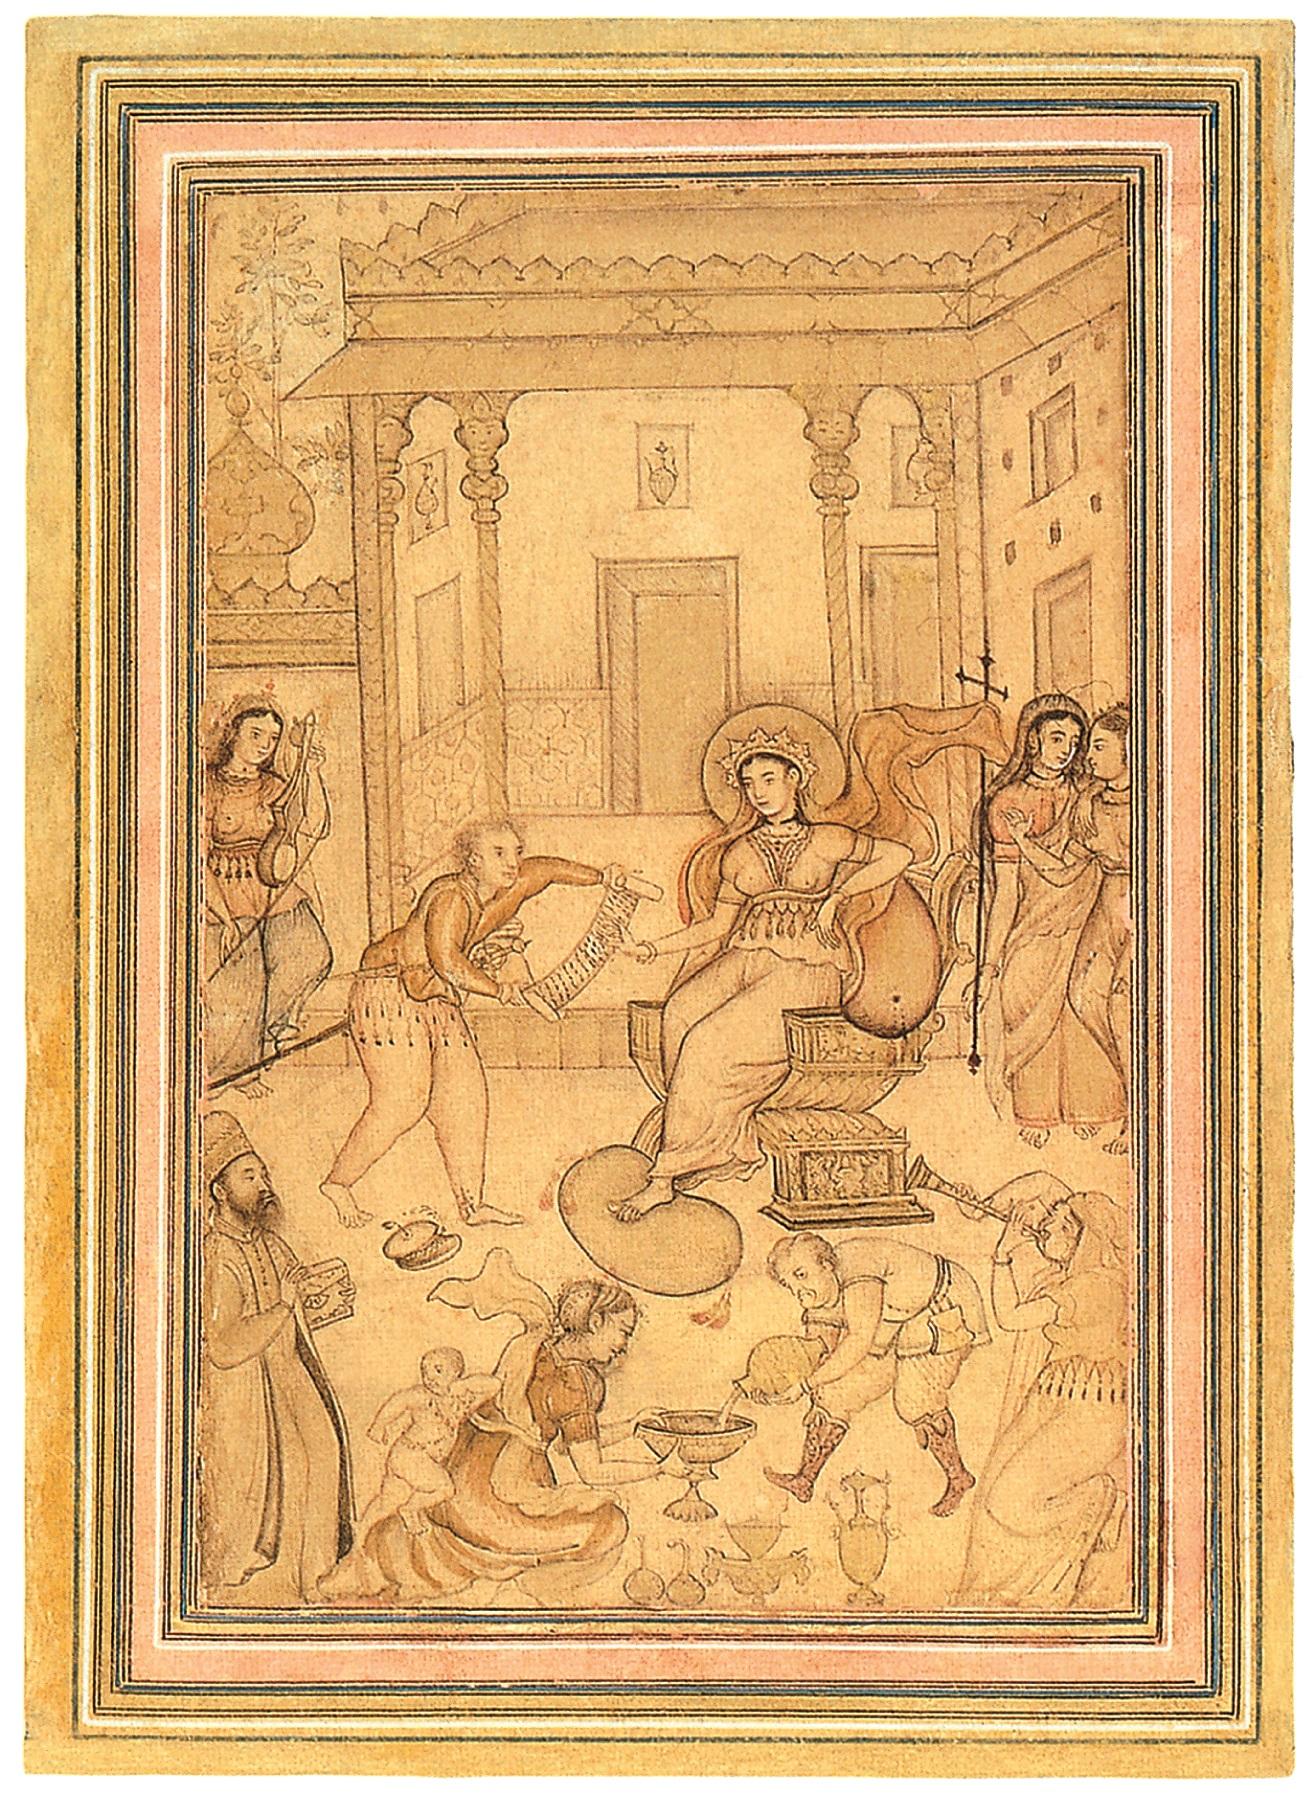 Anónimo, Escena de corte en Europa, 1600. Aguada y tinta, 33,5 x 20,8 cm. Virginia Museum of Fine Arts, Richmond, Virginia.